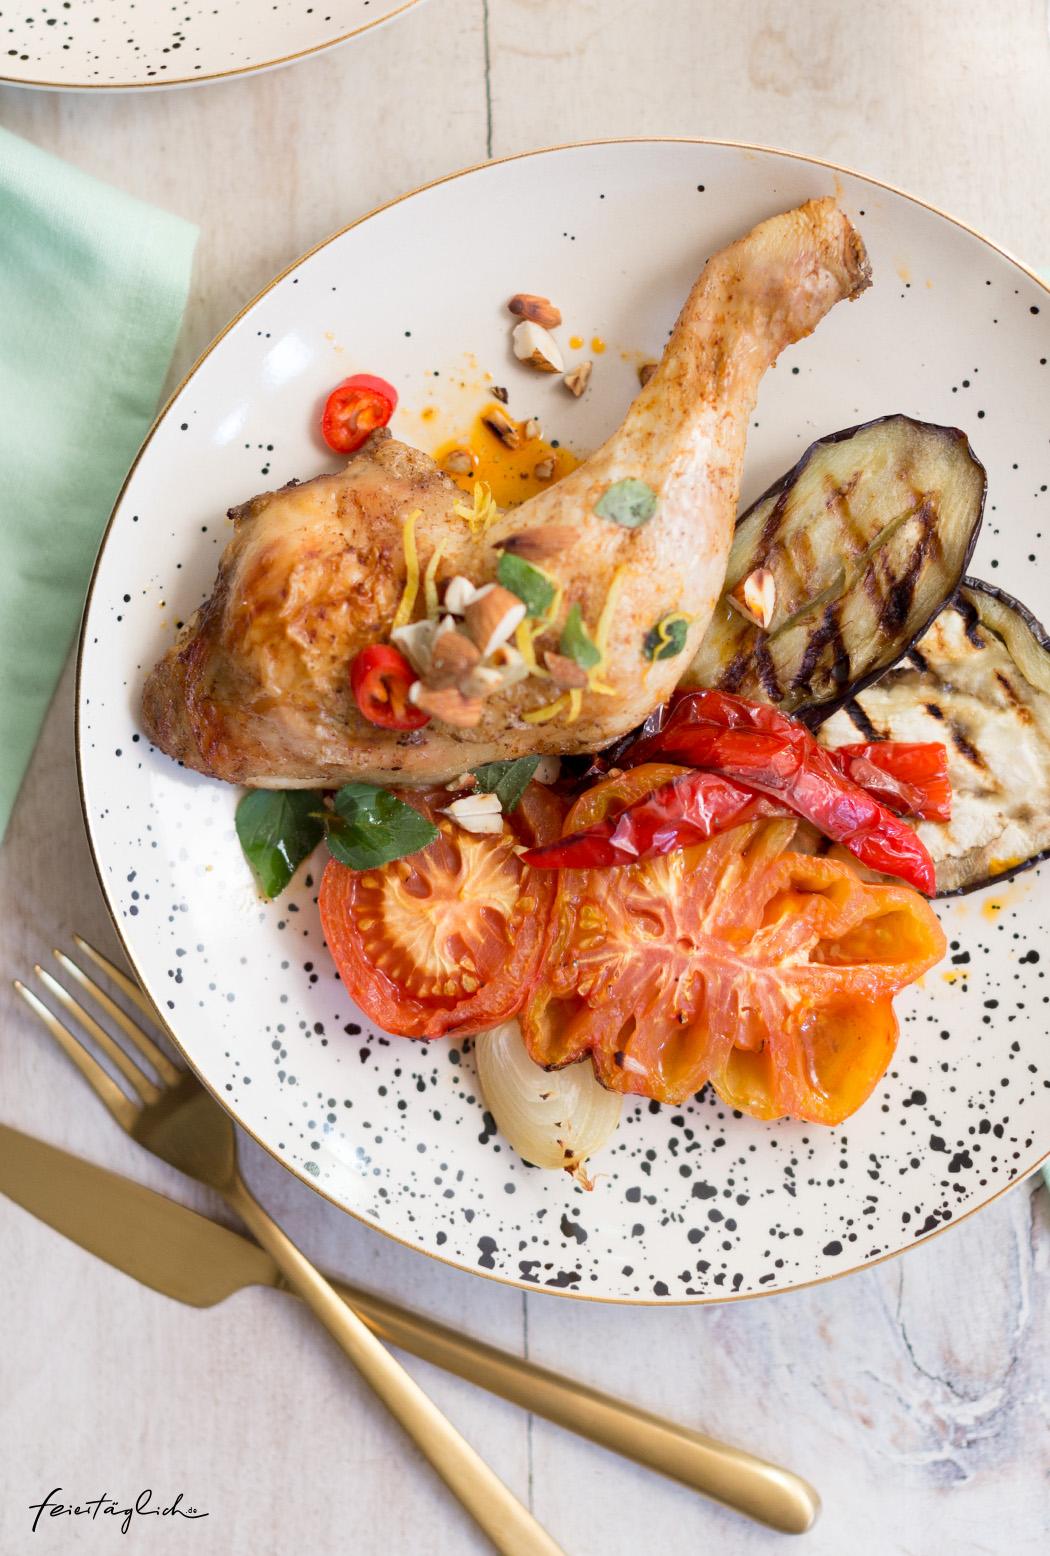 Smoked Paprika-Hähnchenkeulen aus dem Ofen mit Escalivada (spanischem Grillgemüse), Rezept, inspiriert von Gary Loen (The Taste Gewinner 2018) und Butaris Küchenparty